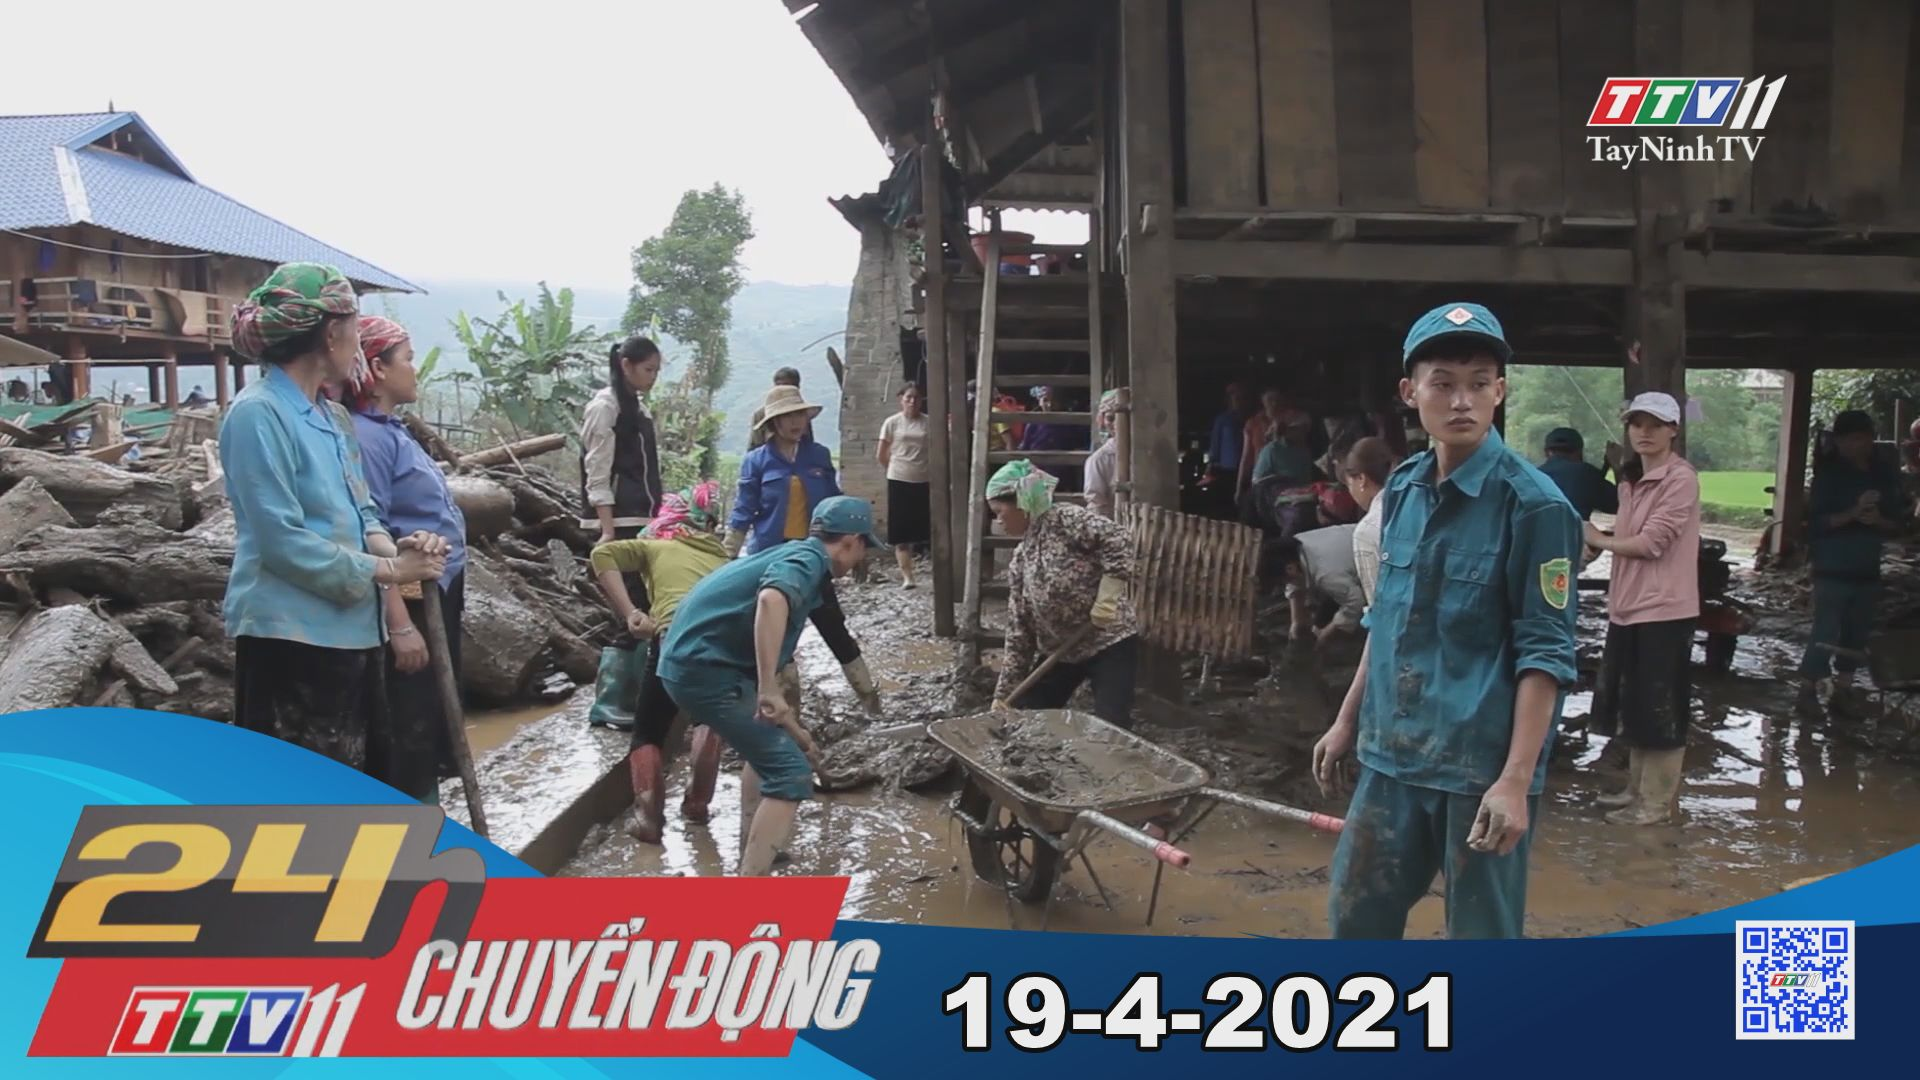 24h Chuyển động 19-4-2021 | Tin tức hôm nay | TayNinhTV